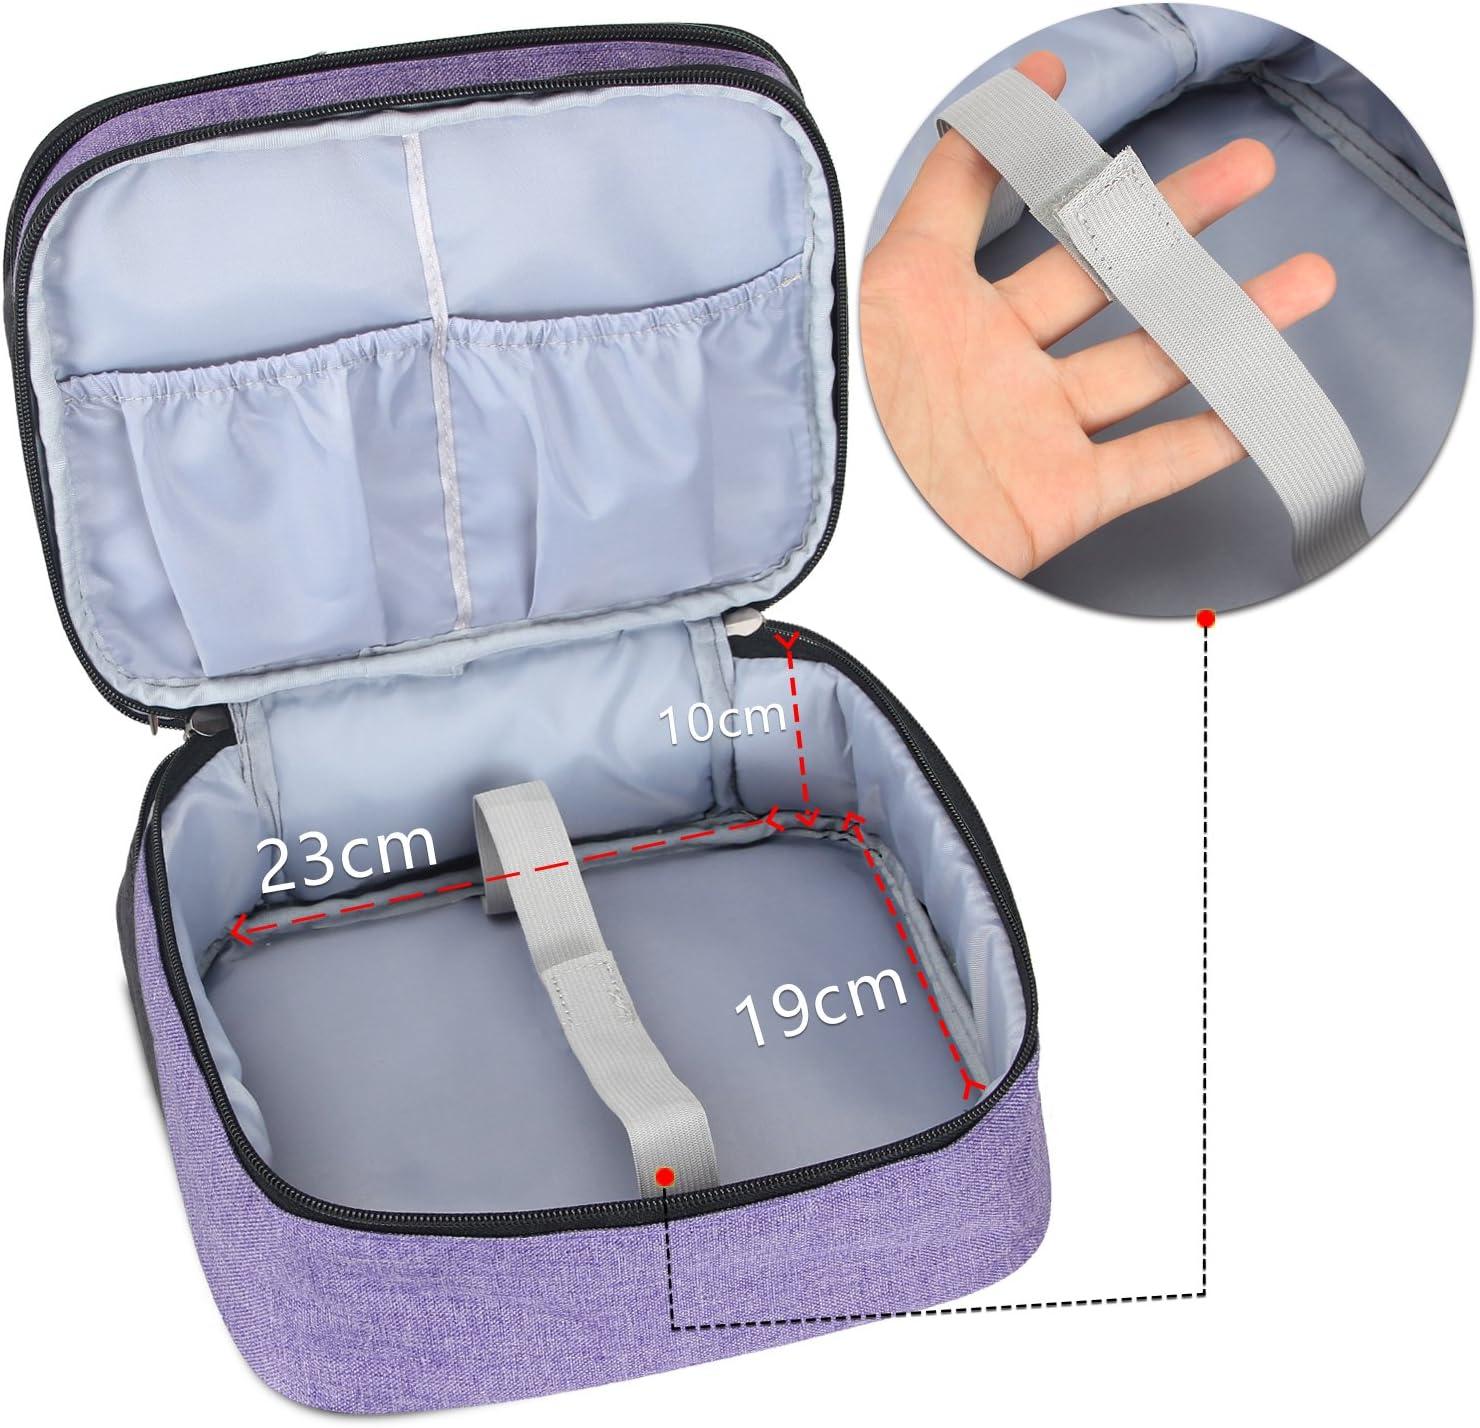 Luxja Sac pour Mini Projecteur XuanPad DR.Q Pruple Sacoche pour Mini Videoprojecteur et Accessoires APEMAN et QKK 23 CM x 19 CM x 10 CM